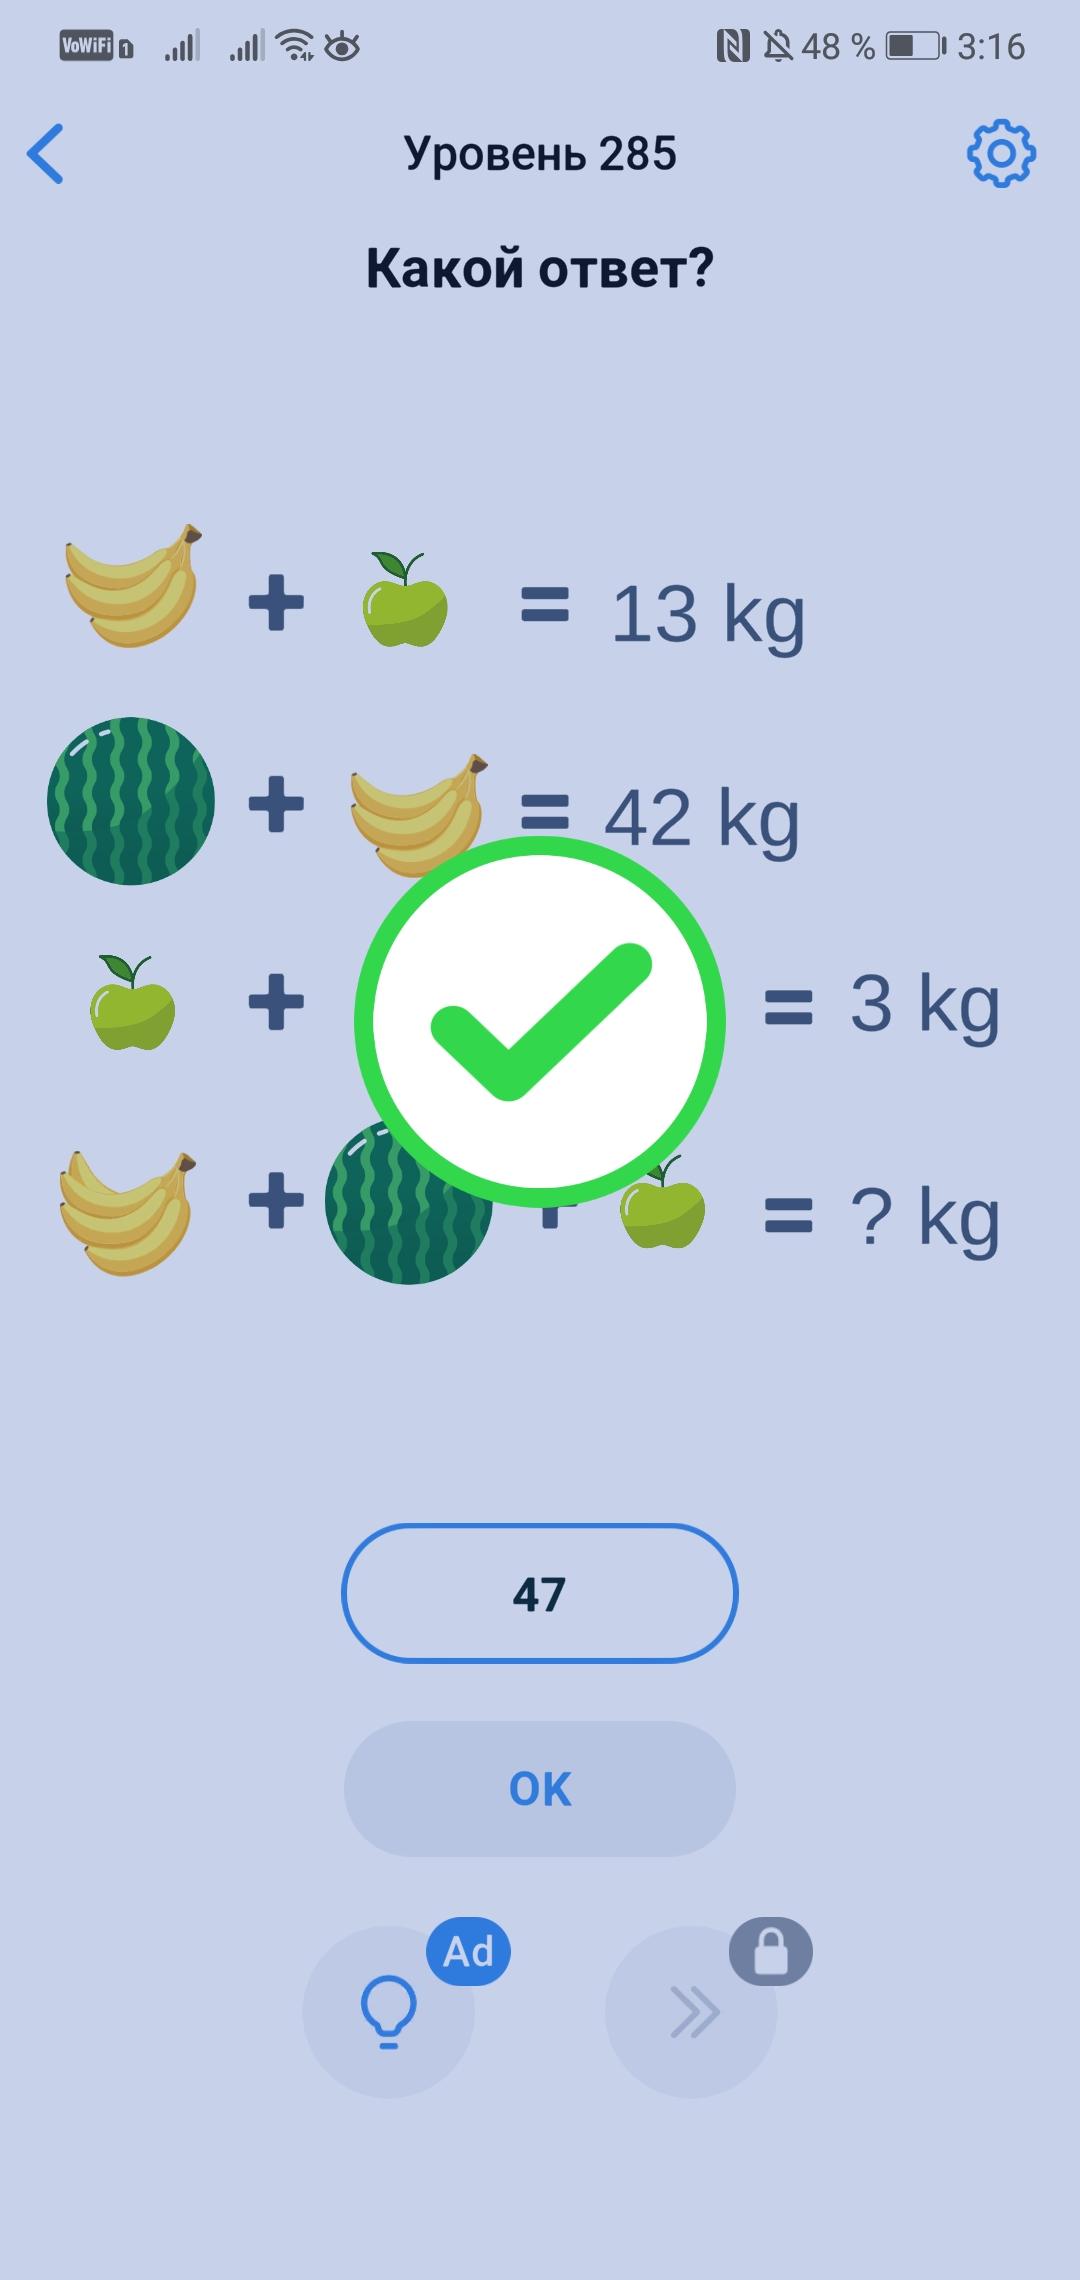 Easy Game - 285 уровень - Какой ответ?